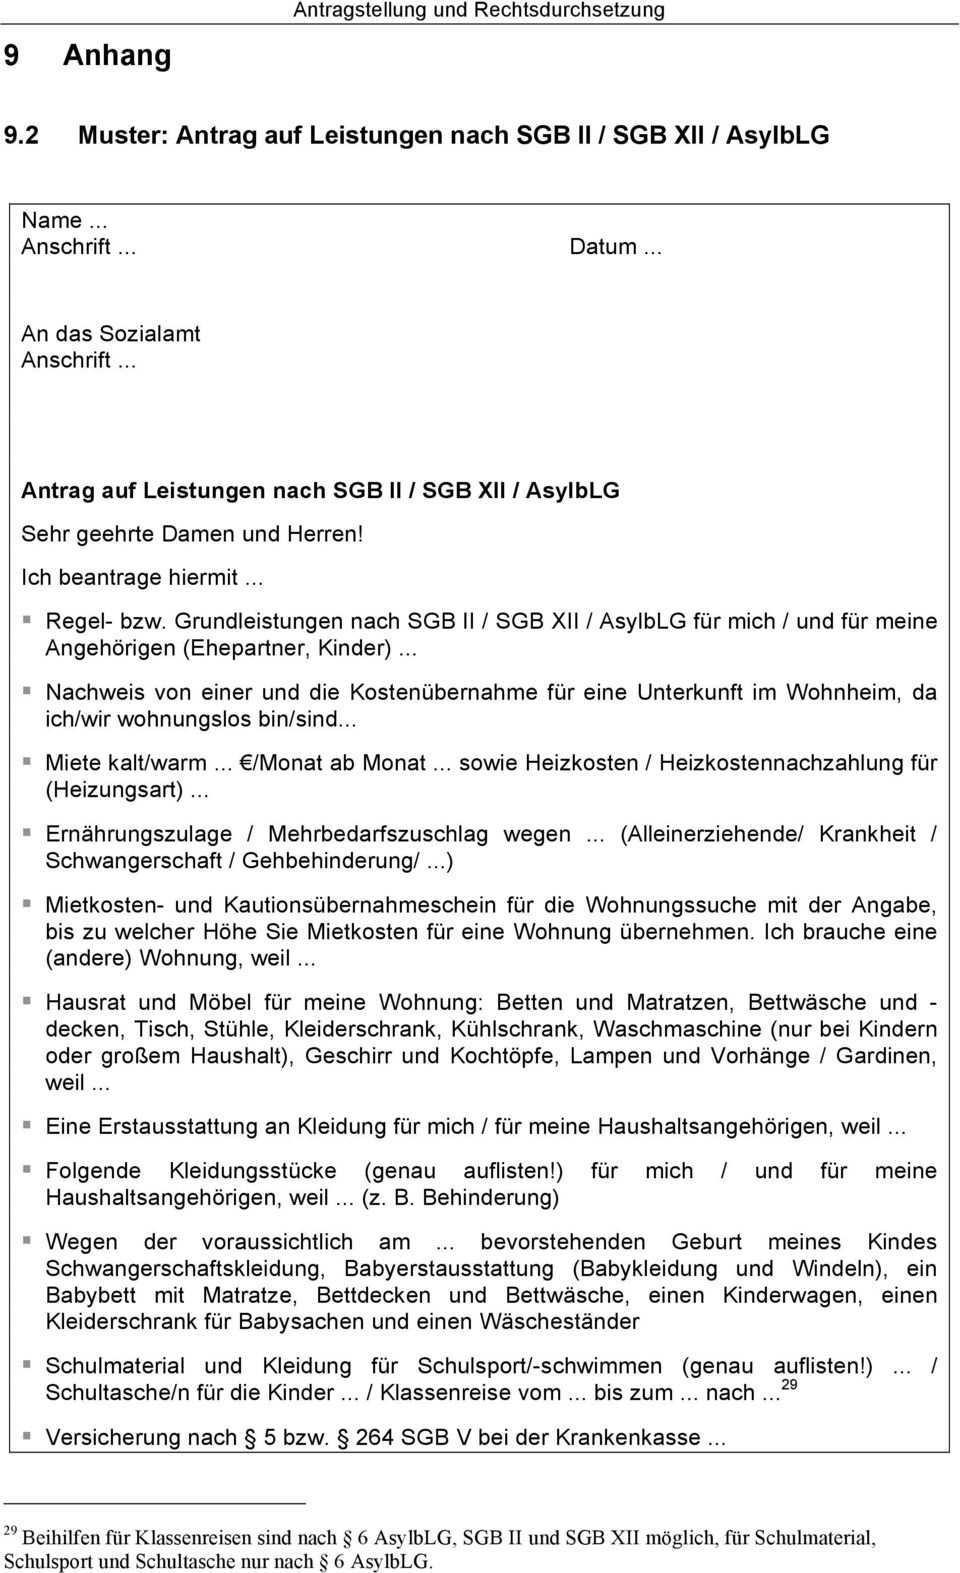 8 Antragstellung Und Rechtsdurchsetzung Pdf Free Download